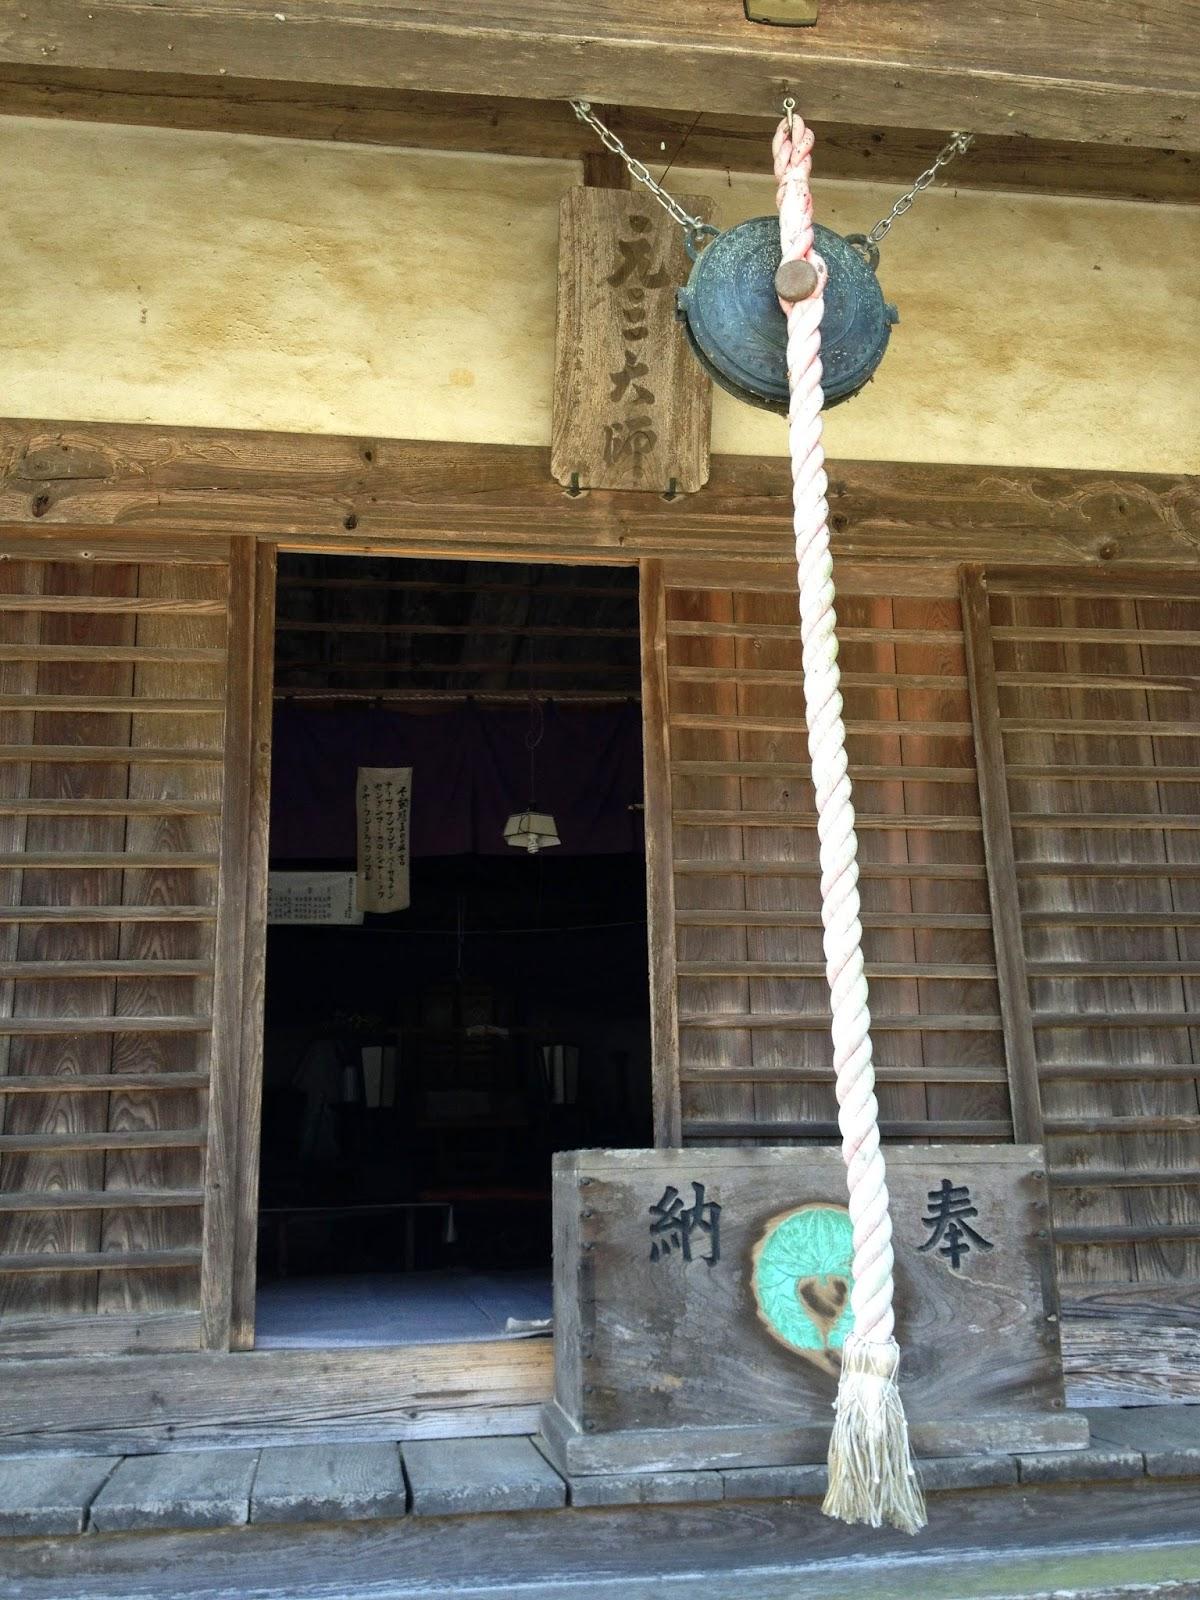 かまがや散歩: 本埜の仏刹(8) 南陽院 (印西市・笠神)